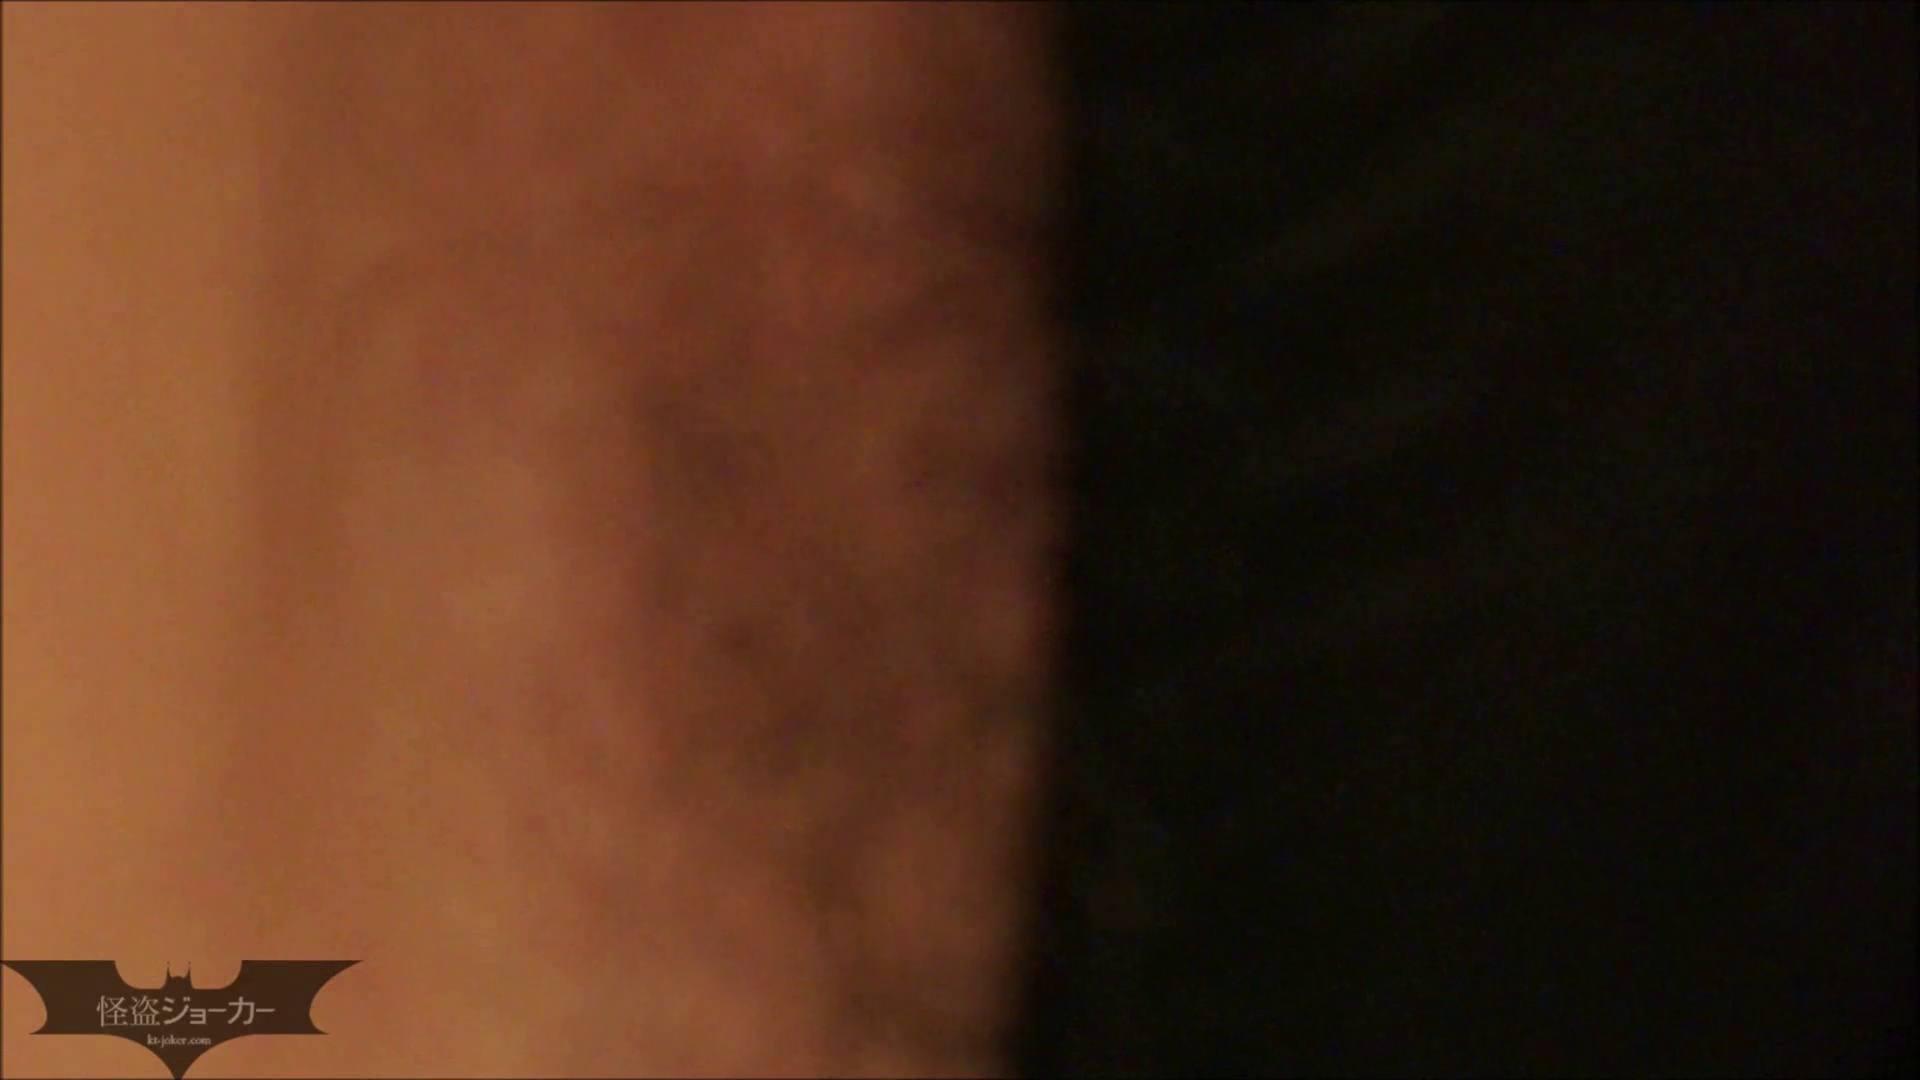 【未公開】vol.63【小春】金髪化してた時期の小春。。。ナマで出し続け・・・ 色っぽいOL達  103pic 66